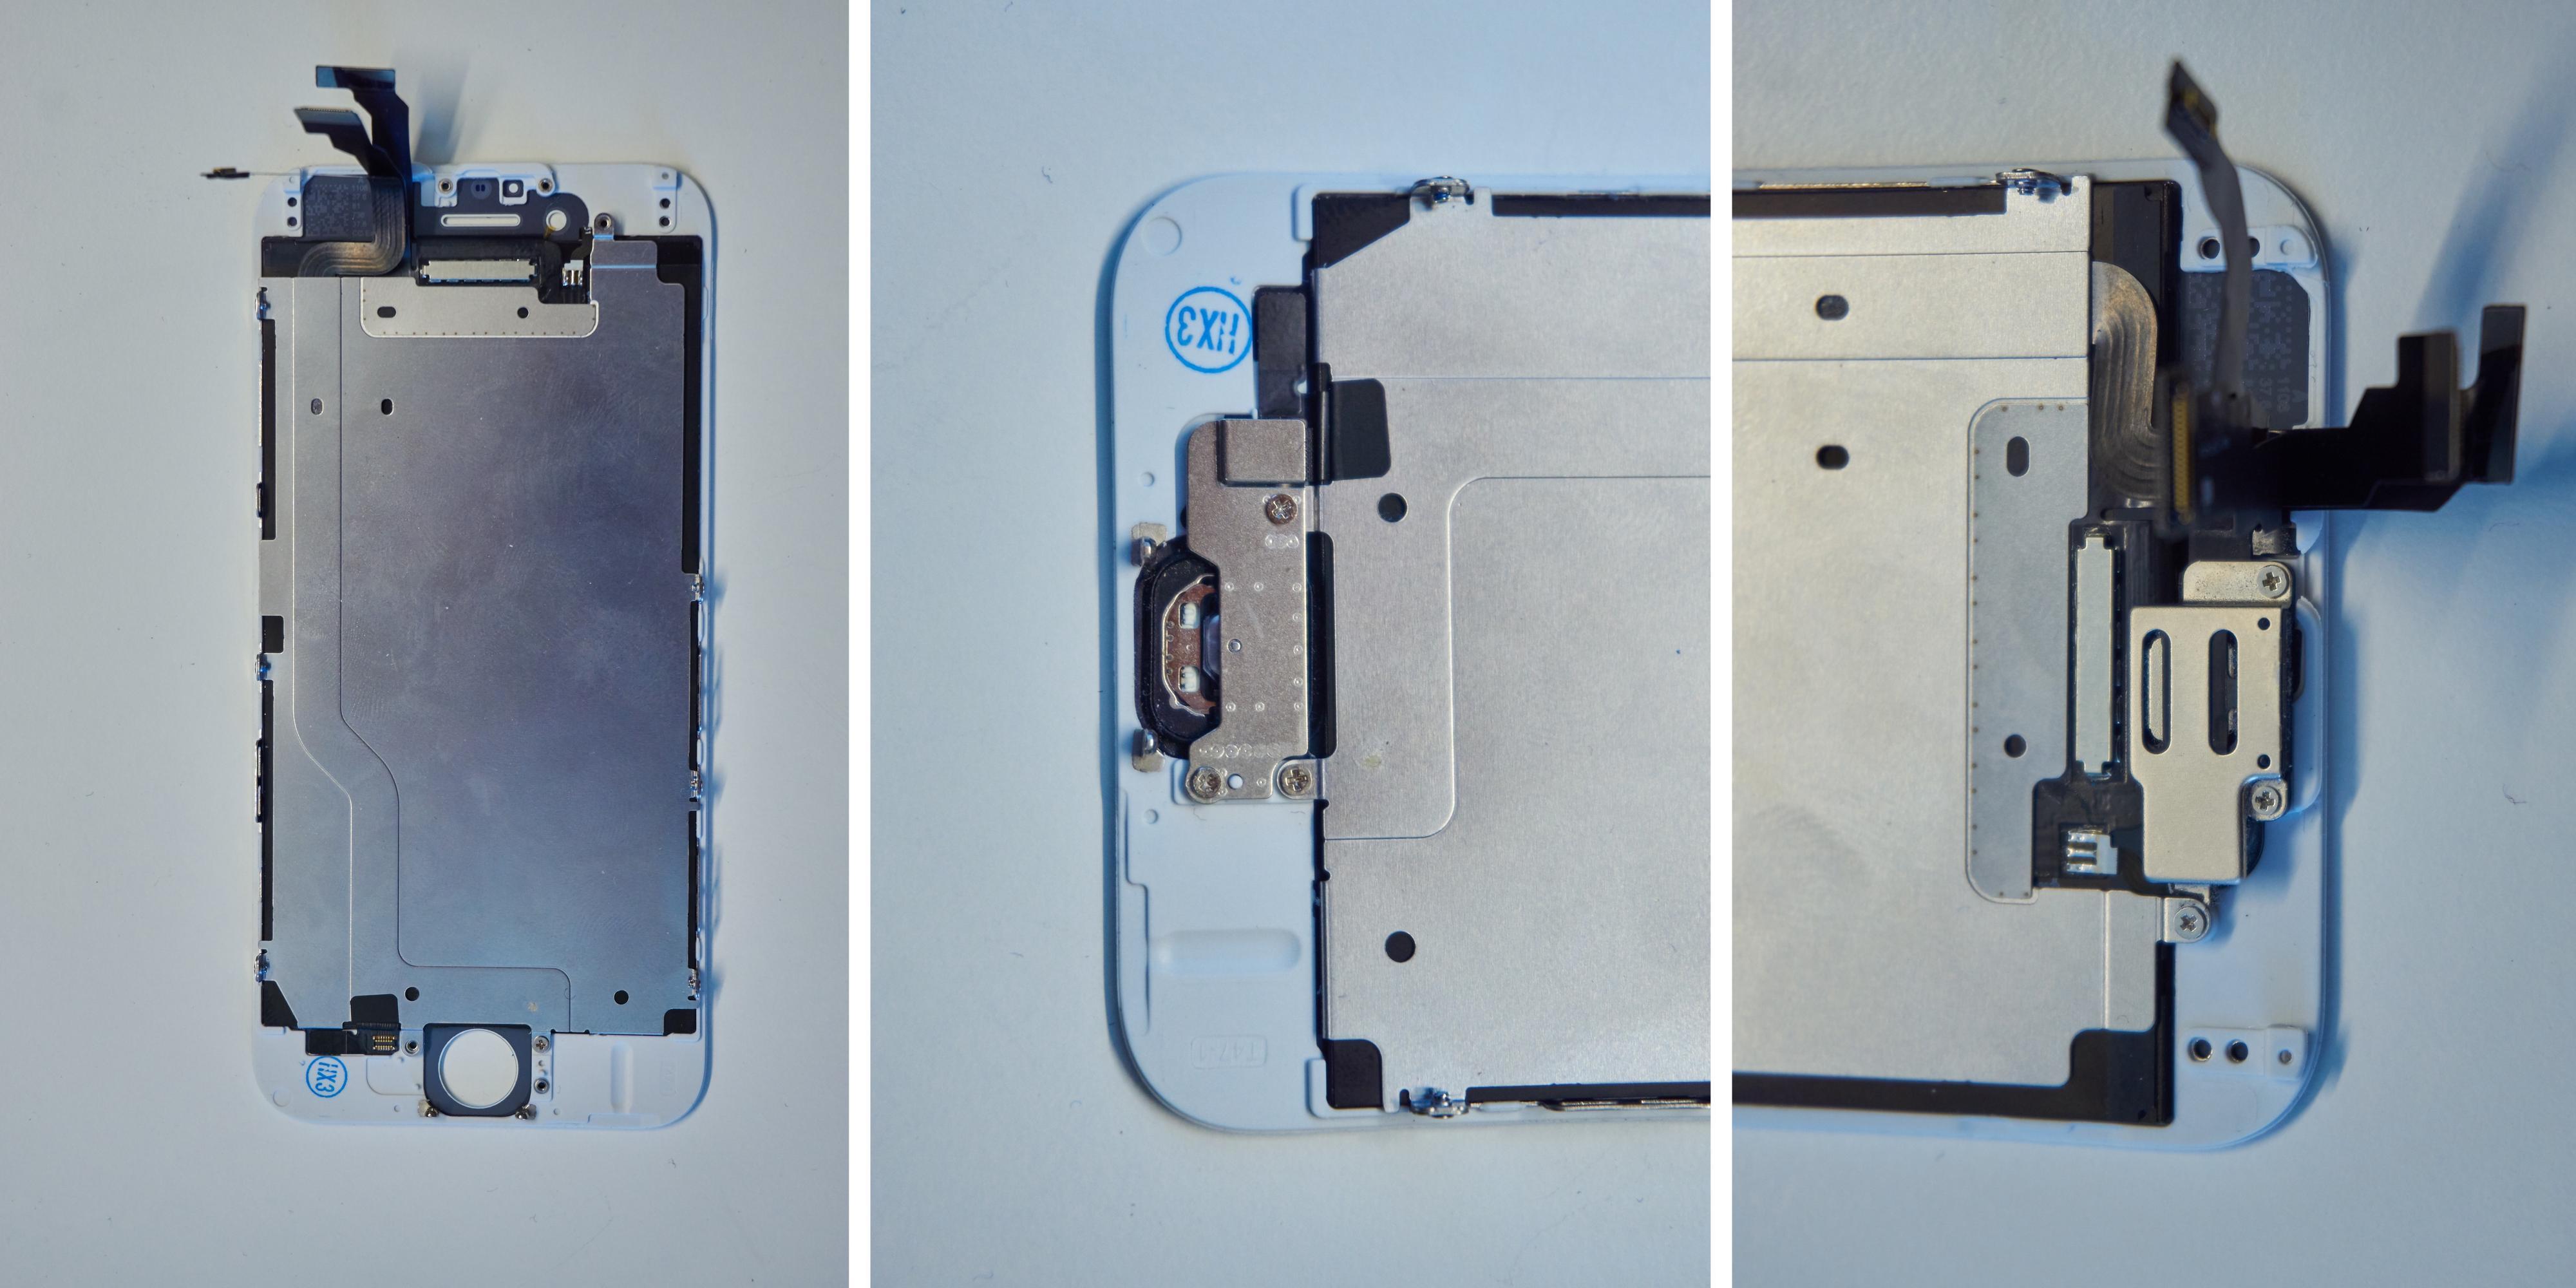 19. Montér LCD-bakdekselet til den nye skjermen 20. Montér hjemknapp-delene 21. Montér frontkameradelene. Spesielt det sistnevnte kan være utfordrende, men med tålmodighet løser det seg til slutt.